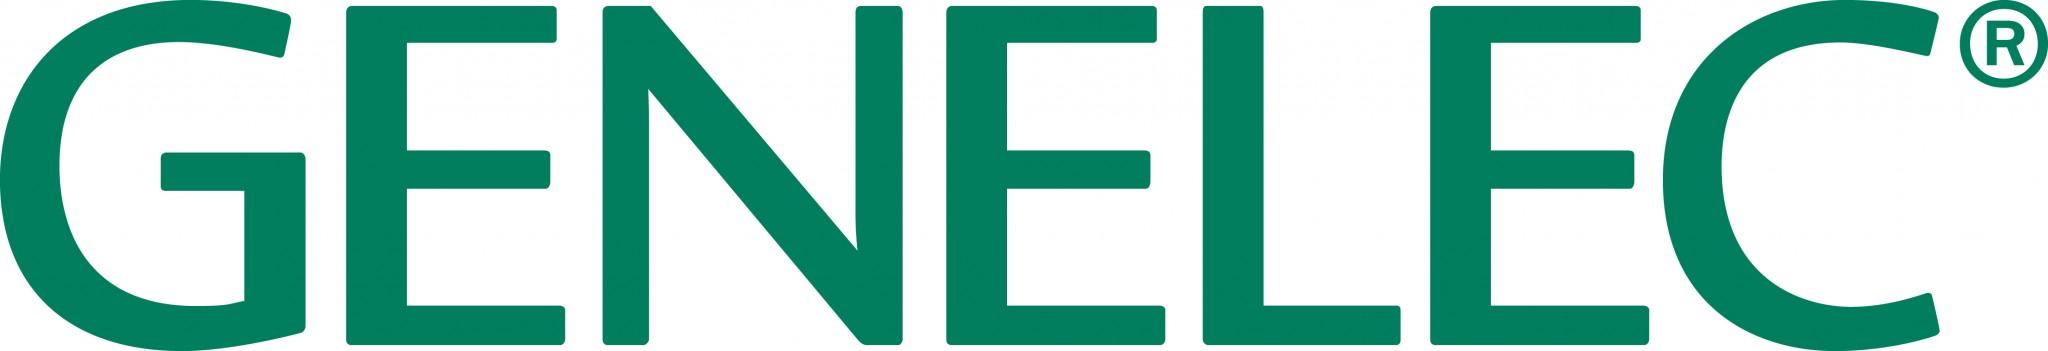 芬兰Genelec真力 · 有源监听音箱领导者